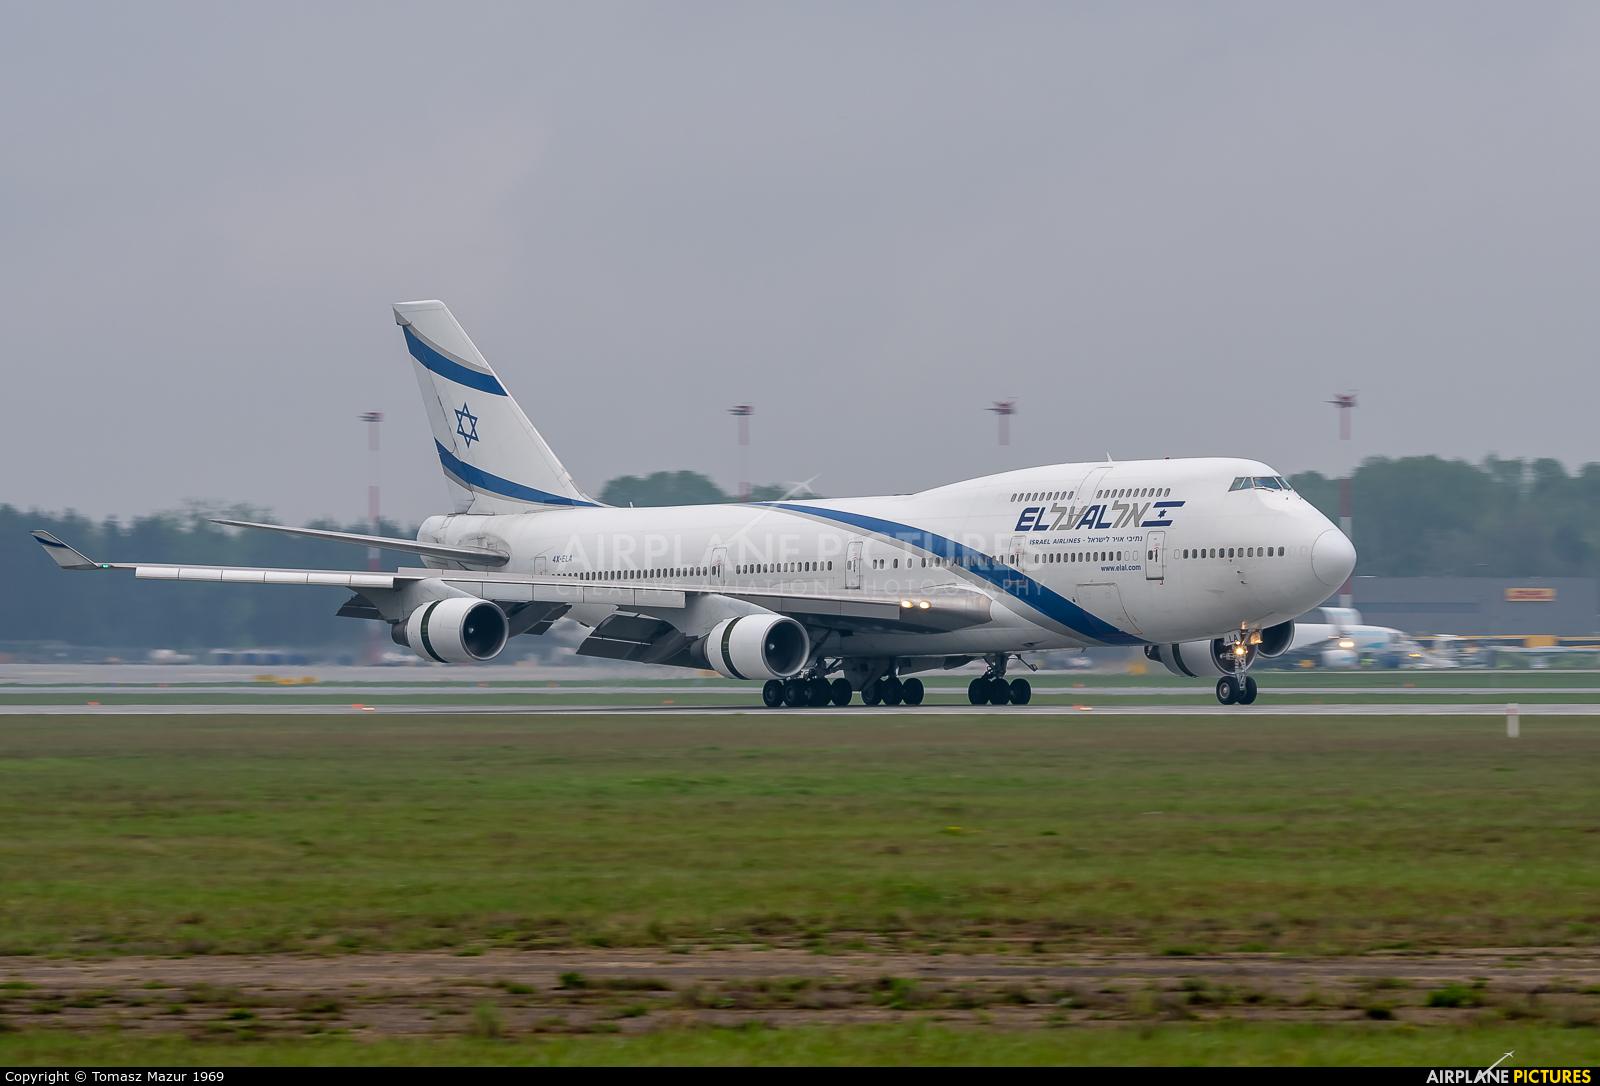 El Al Israel Airlines 4X-ELA aircraft at Katowice - Pyrzowice